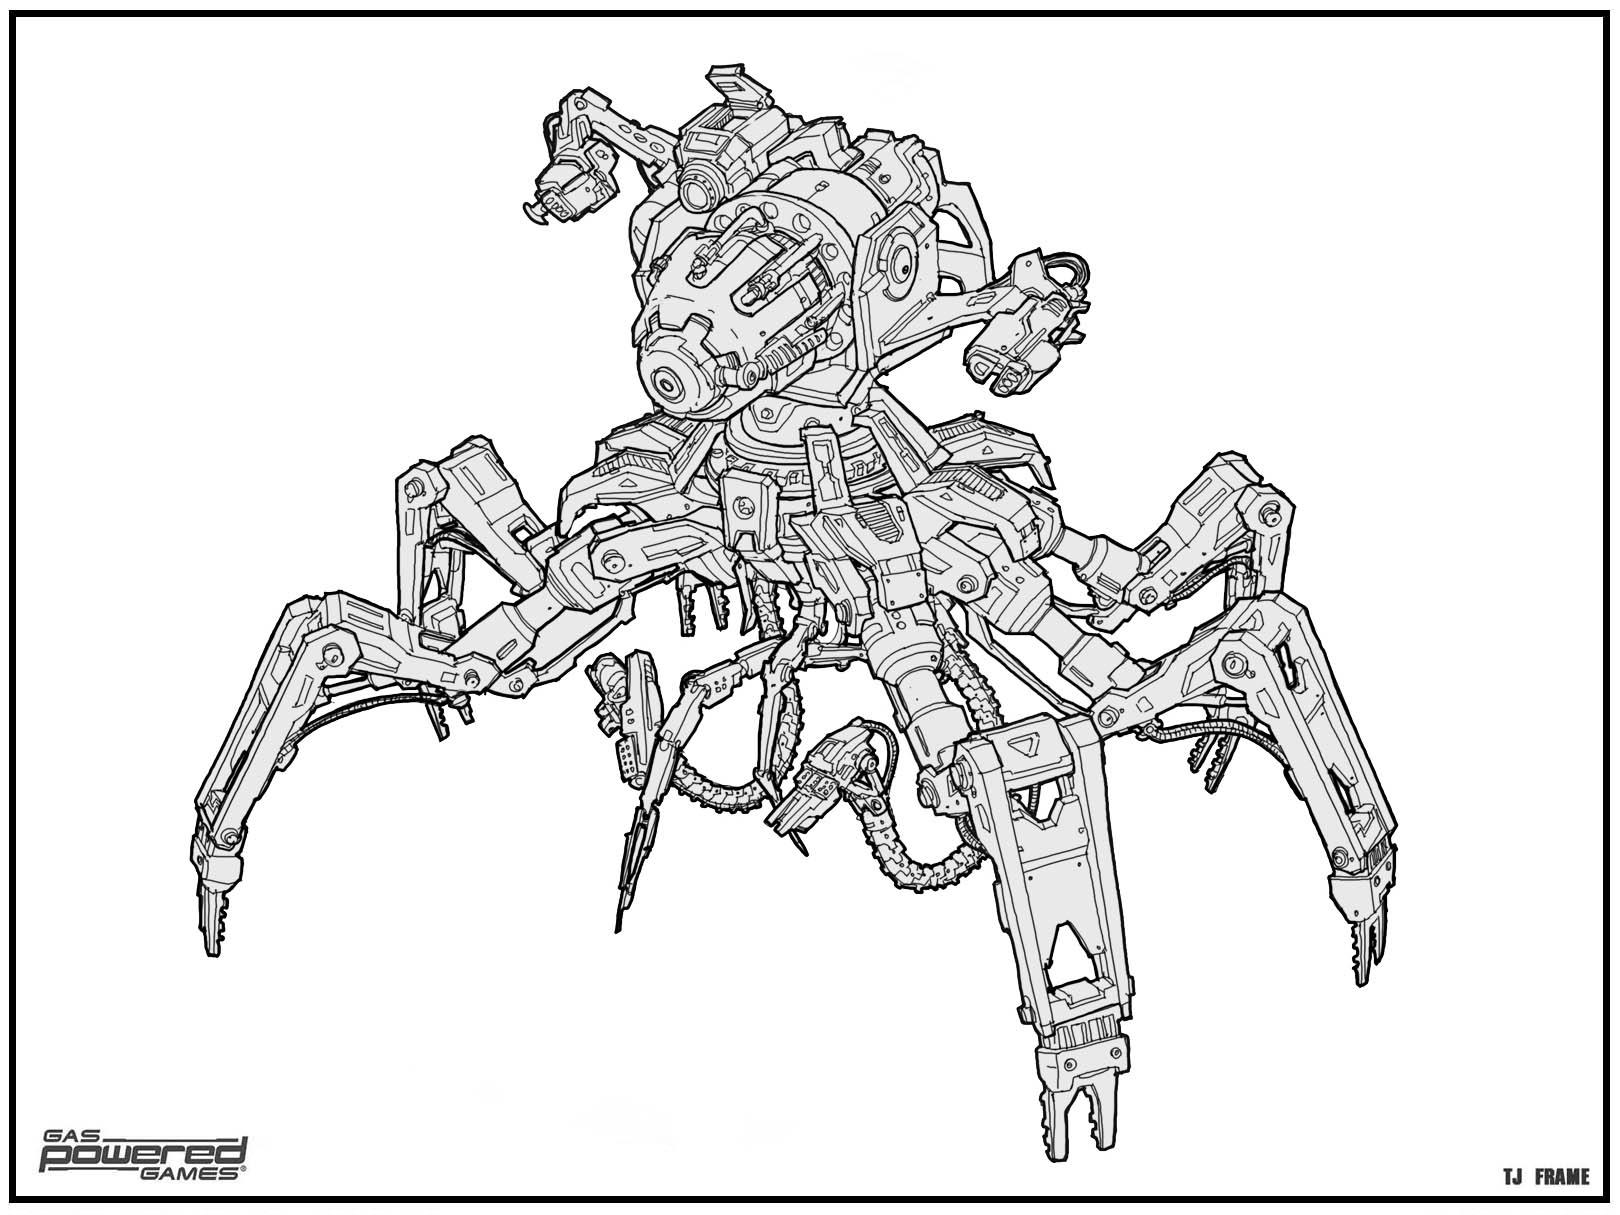 TJFrame-Art_GPG_SpiderBotConcept.jpg